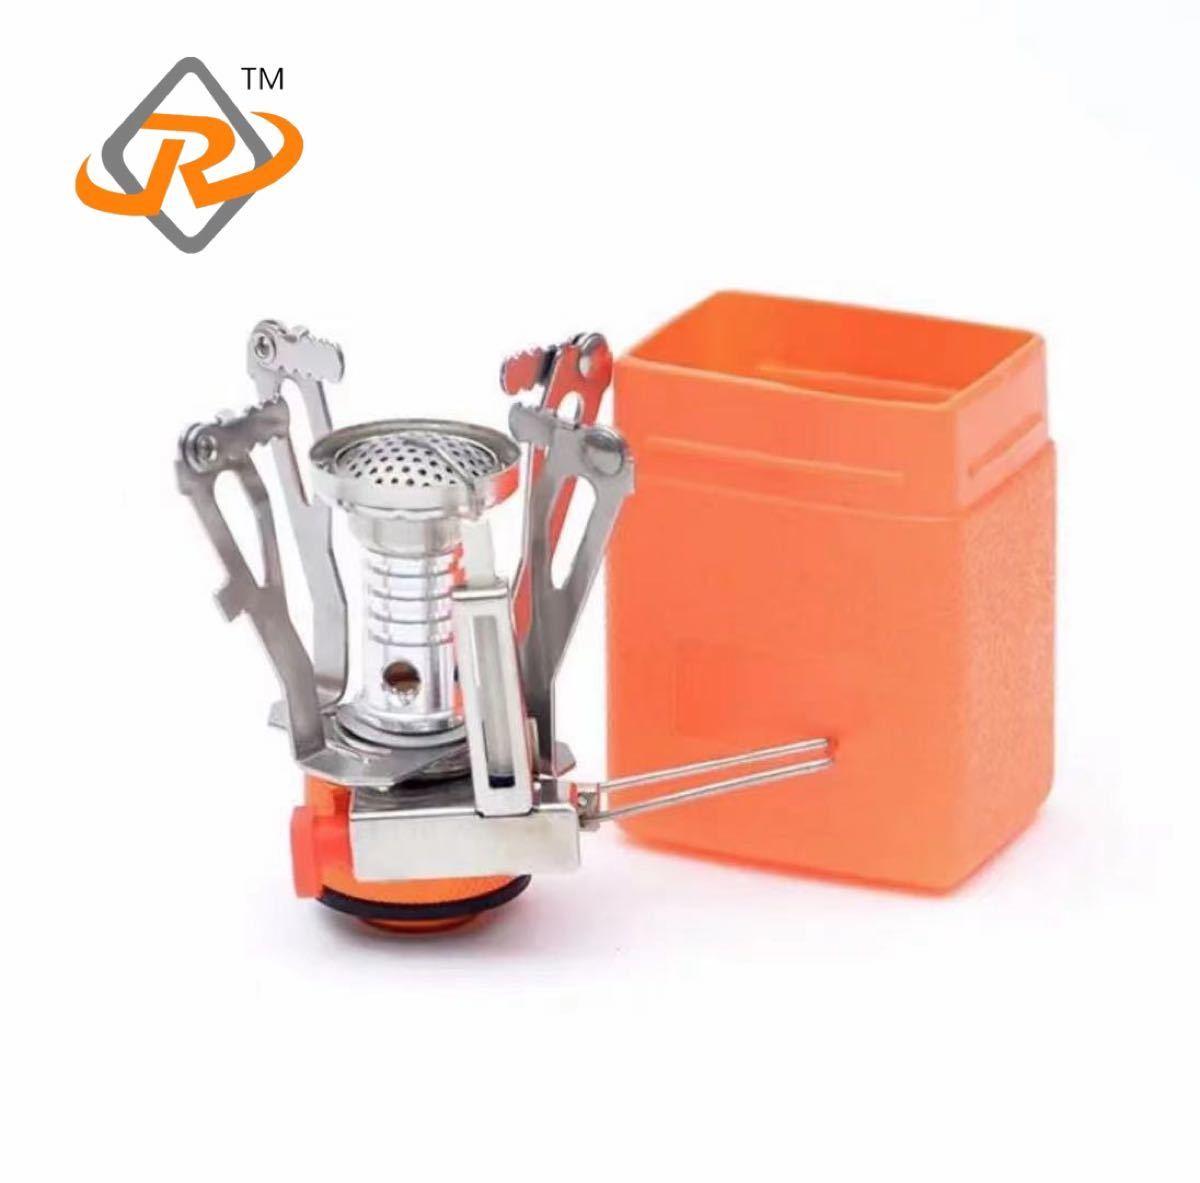 ミニ 超軽量 ガスコンロ シングルバーナー 折り畳み収納 OD缶対応 ガスストープ